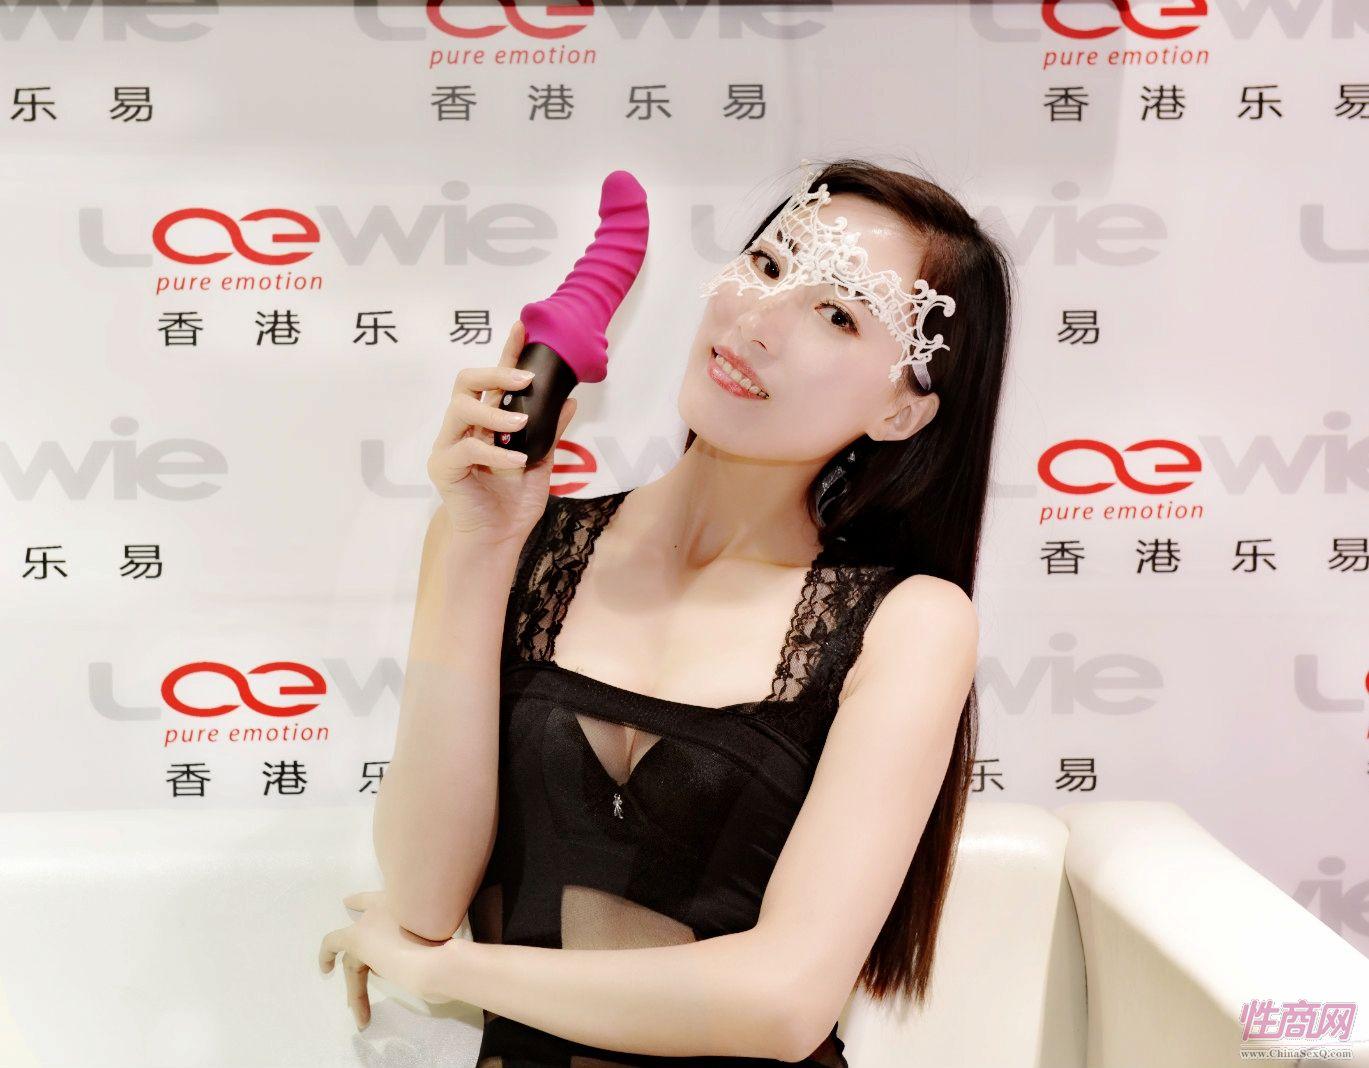 性感模特展示香港乐易公司的振动棒